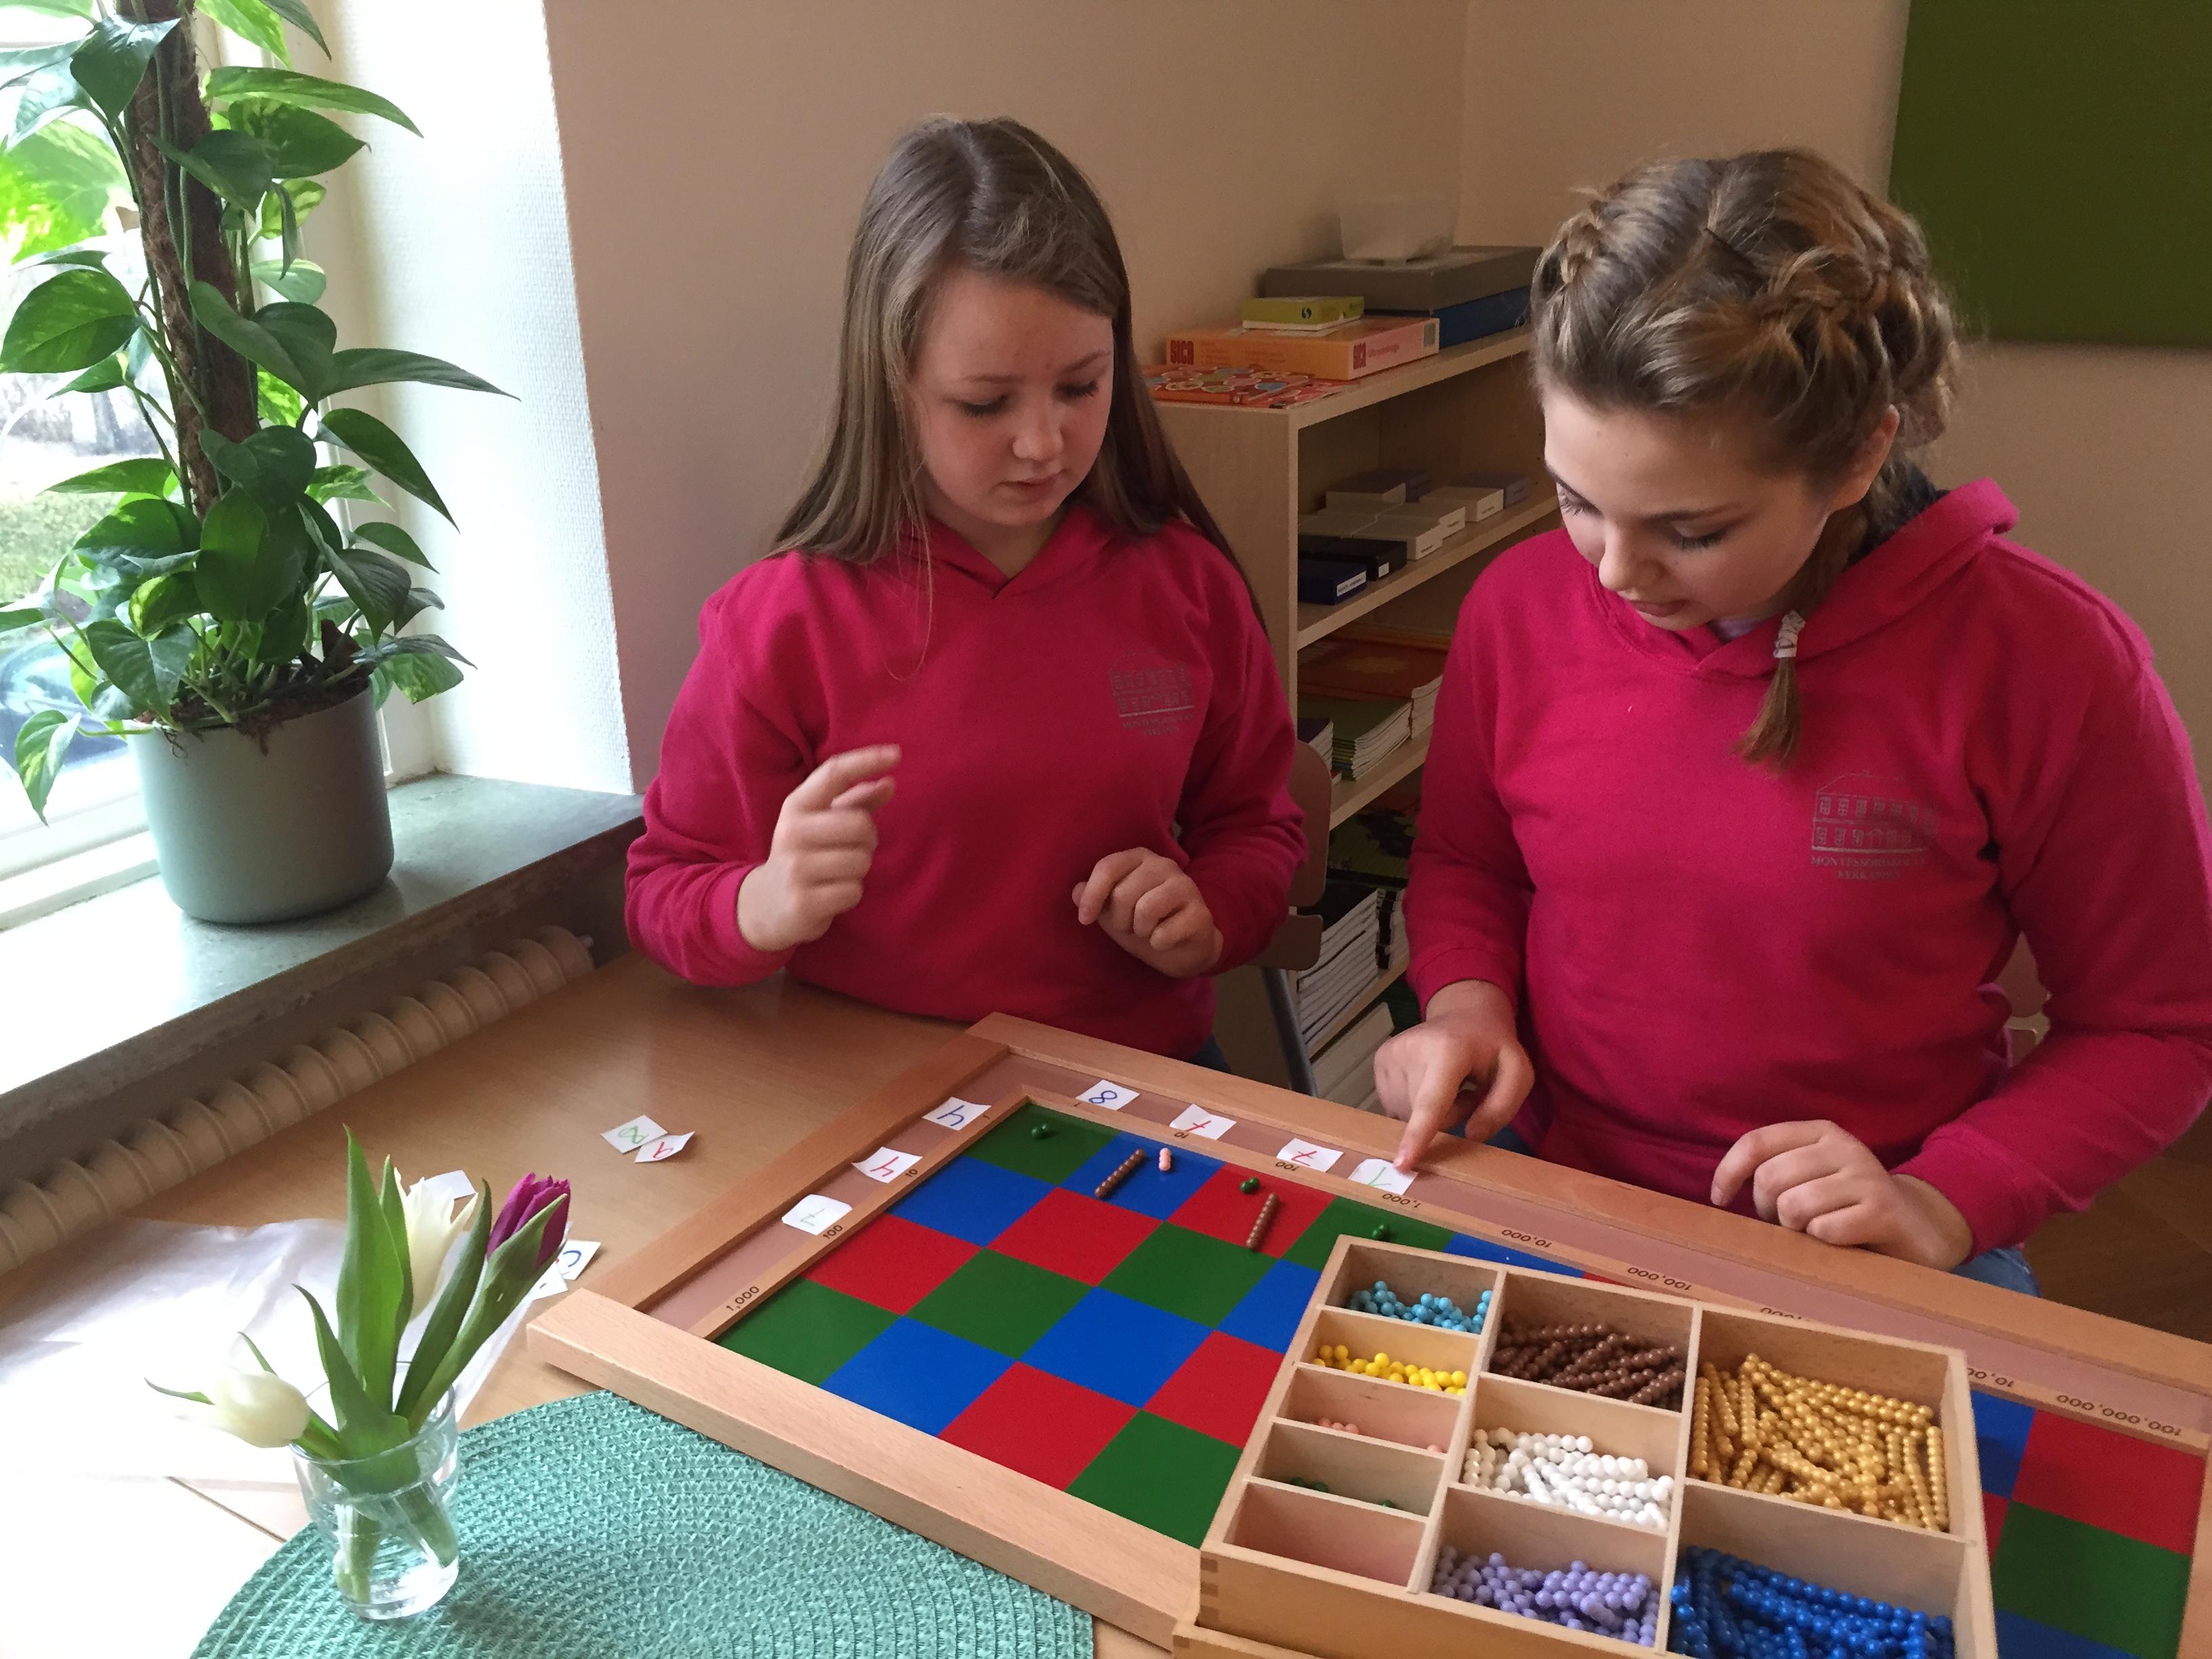 Montessorimaterialet visades upp och förklarades